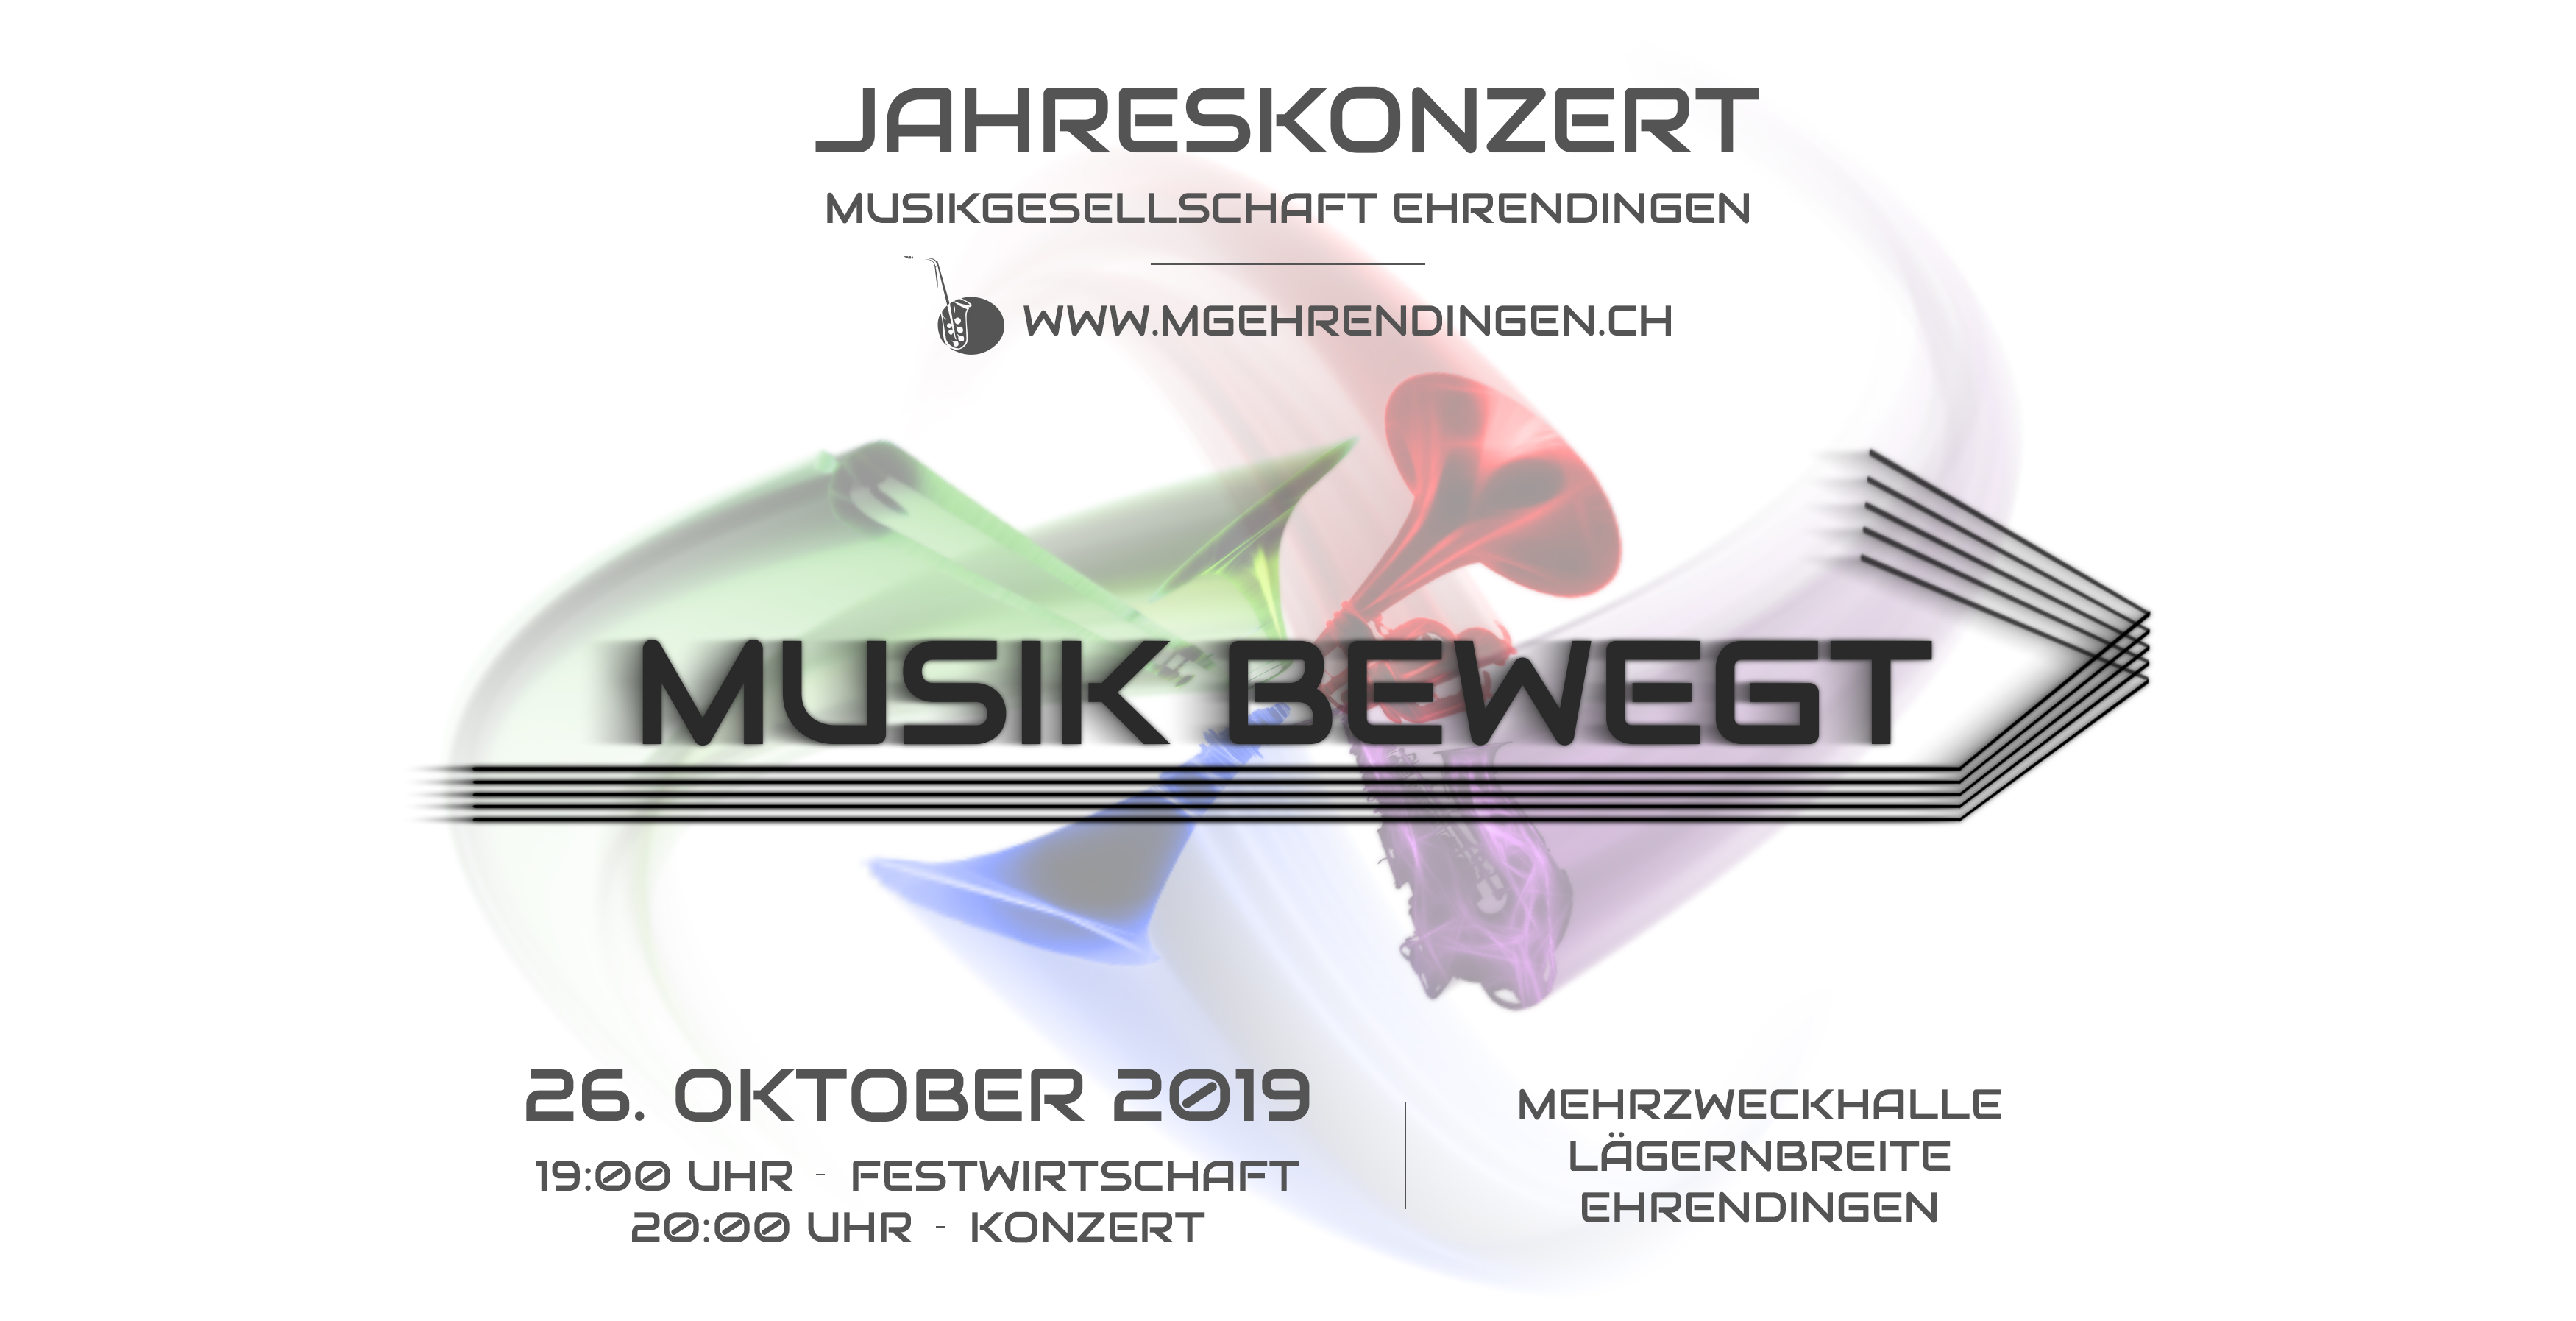 Flyer Jahreskonzert 2019 MGE